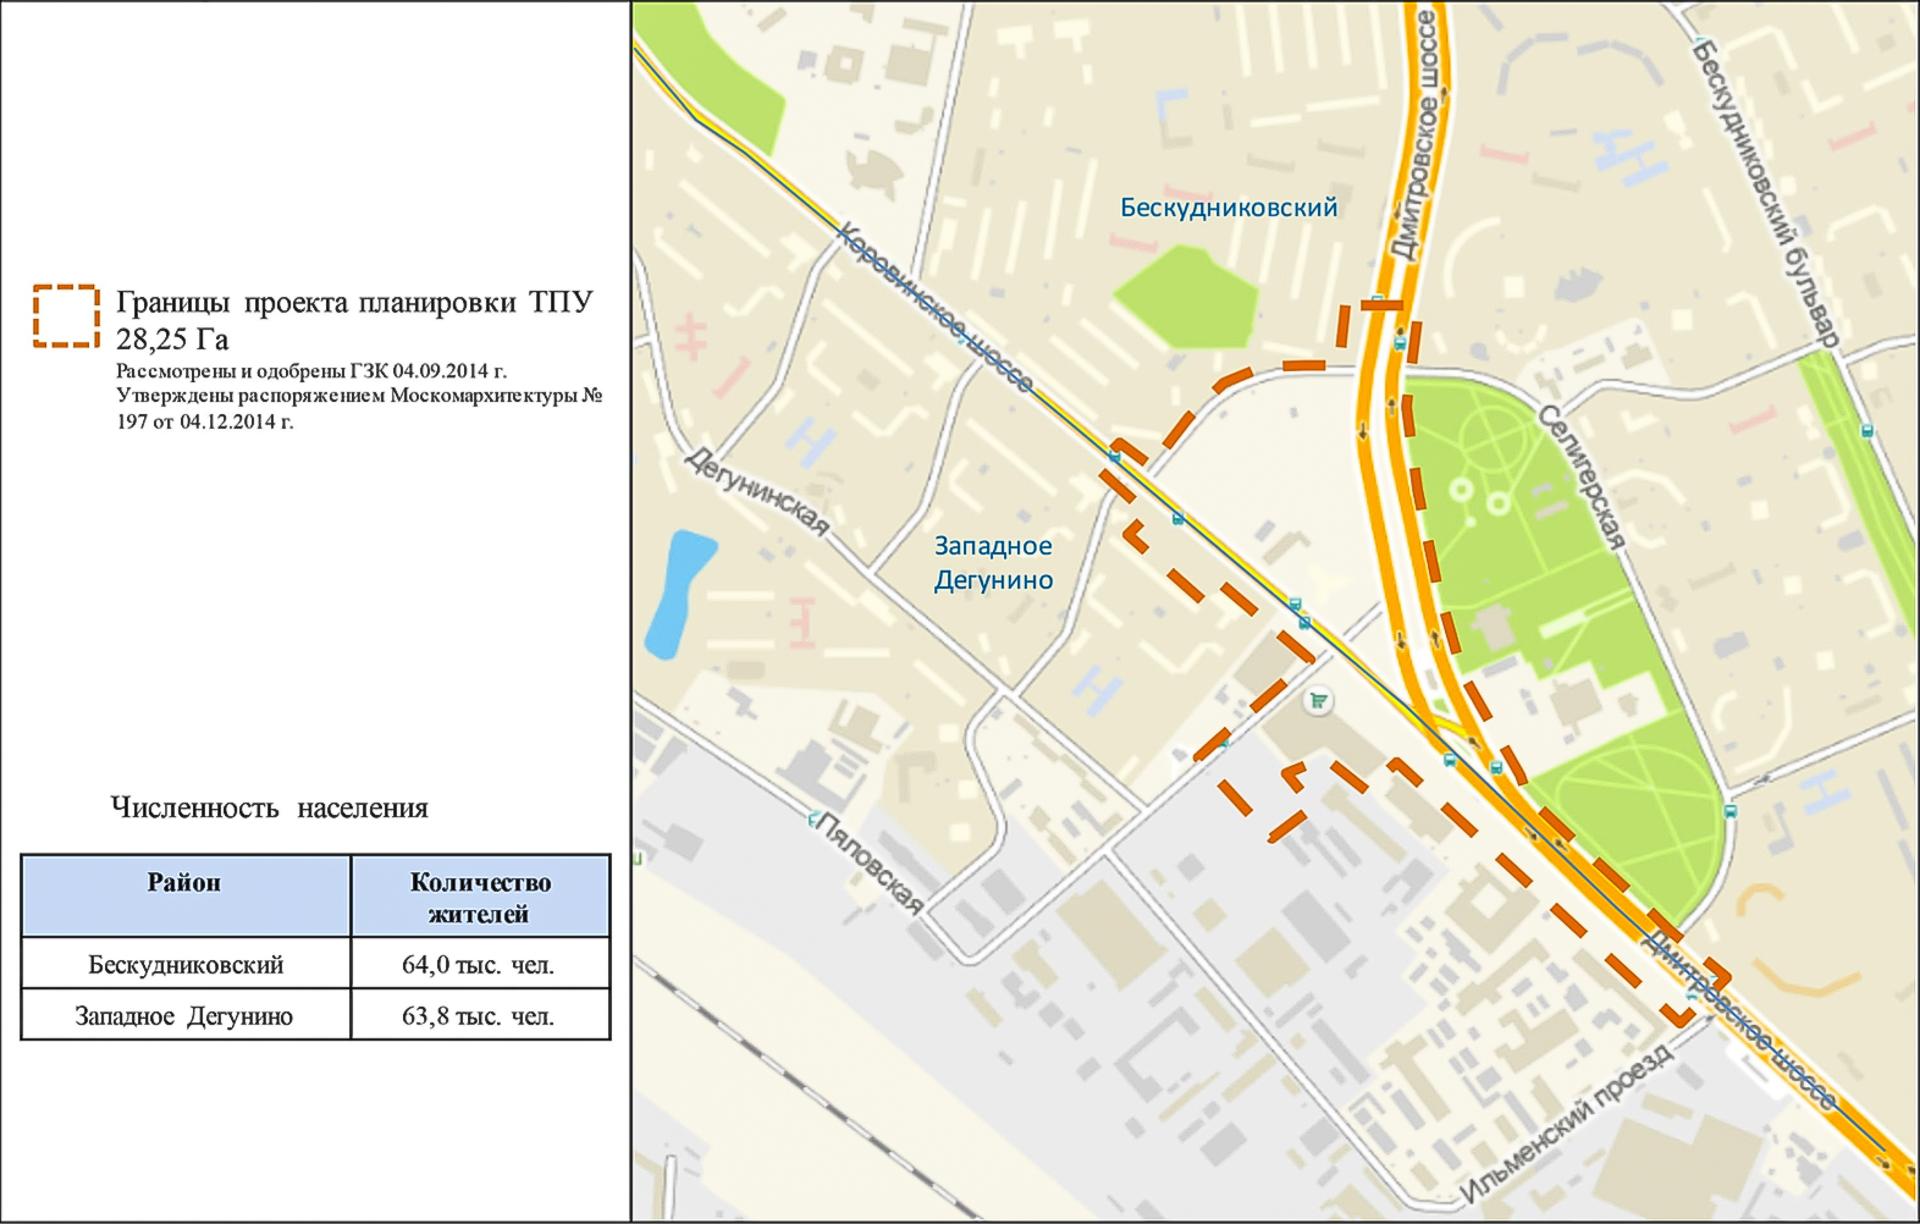 яндекс карта и схема метро г москвы